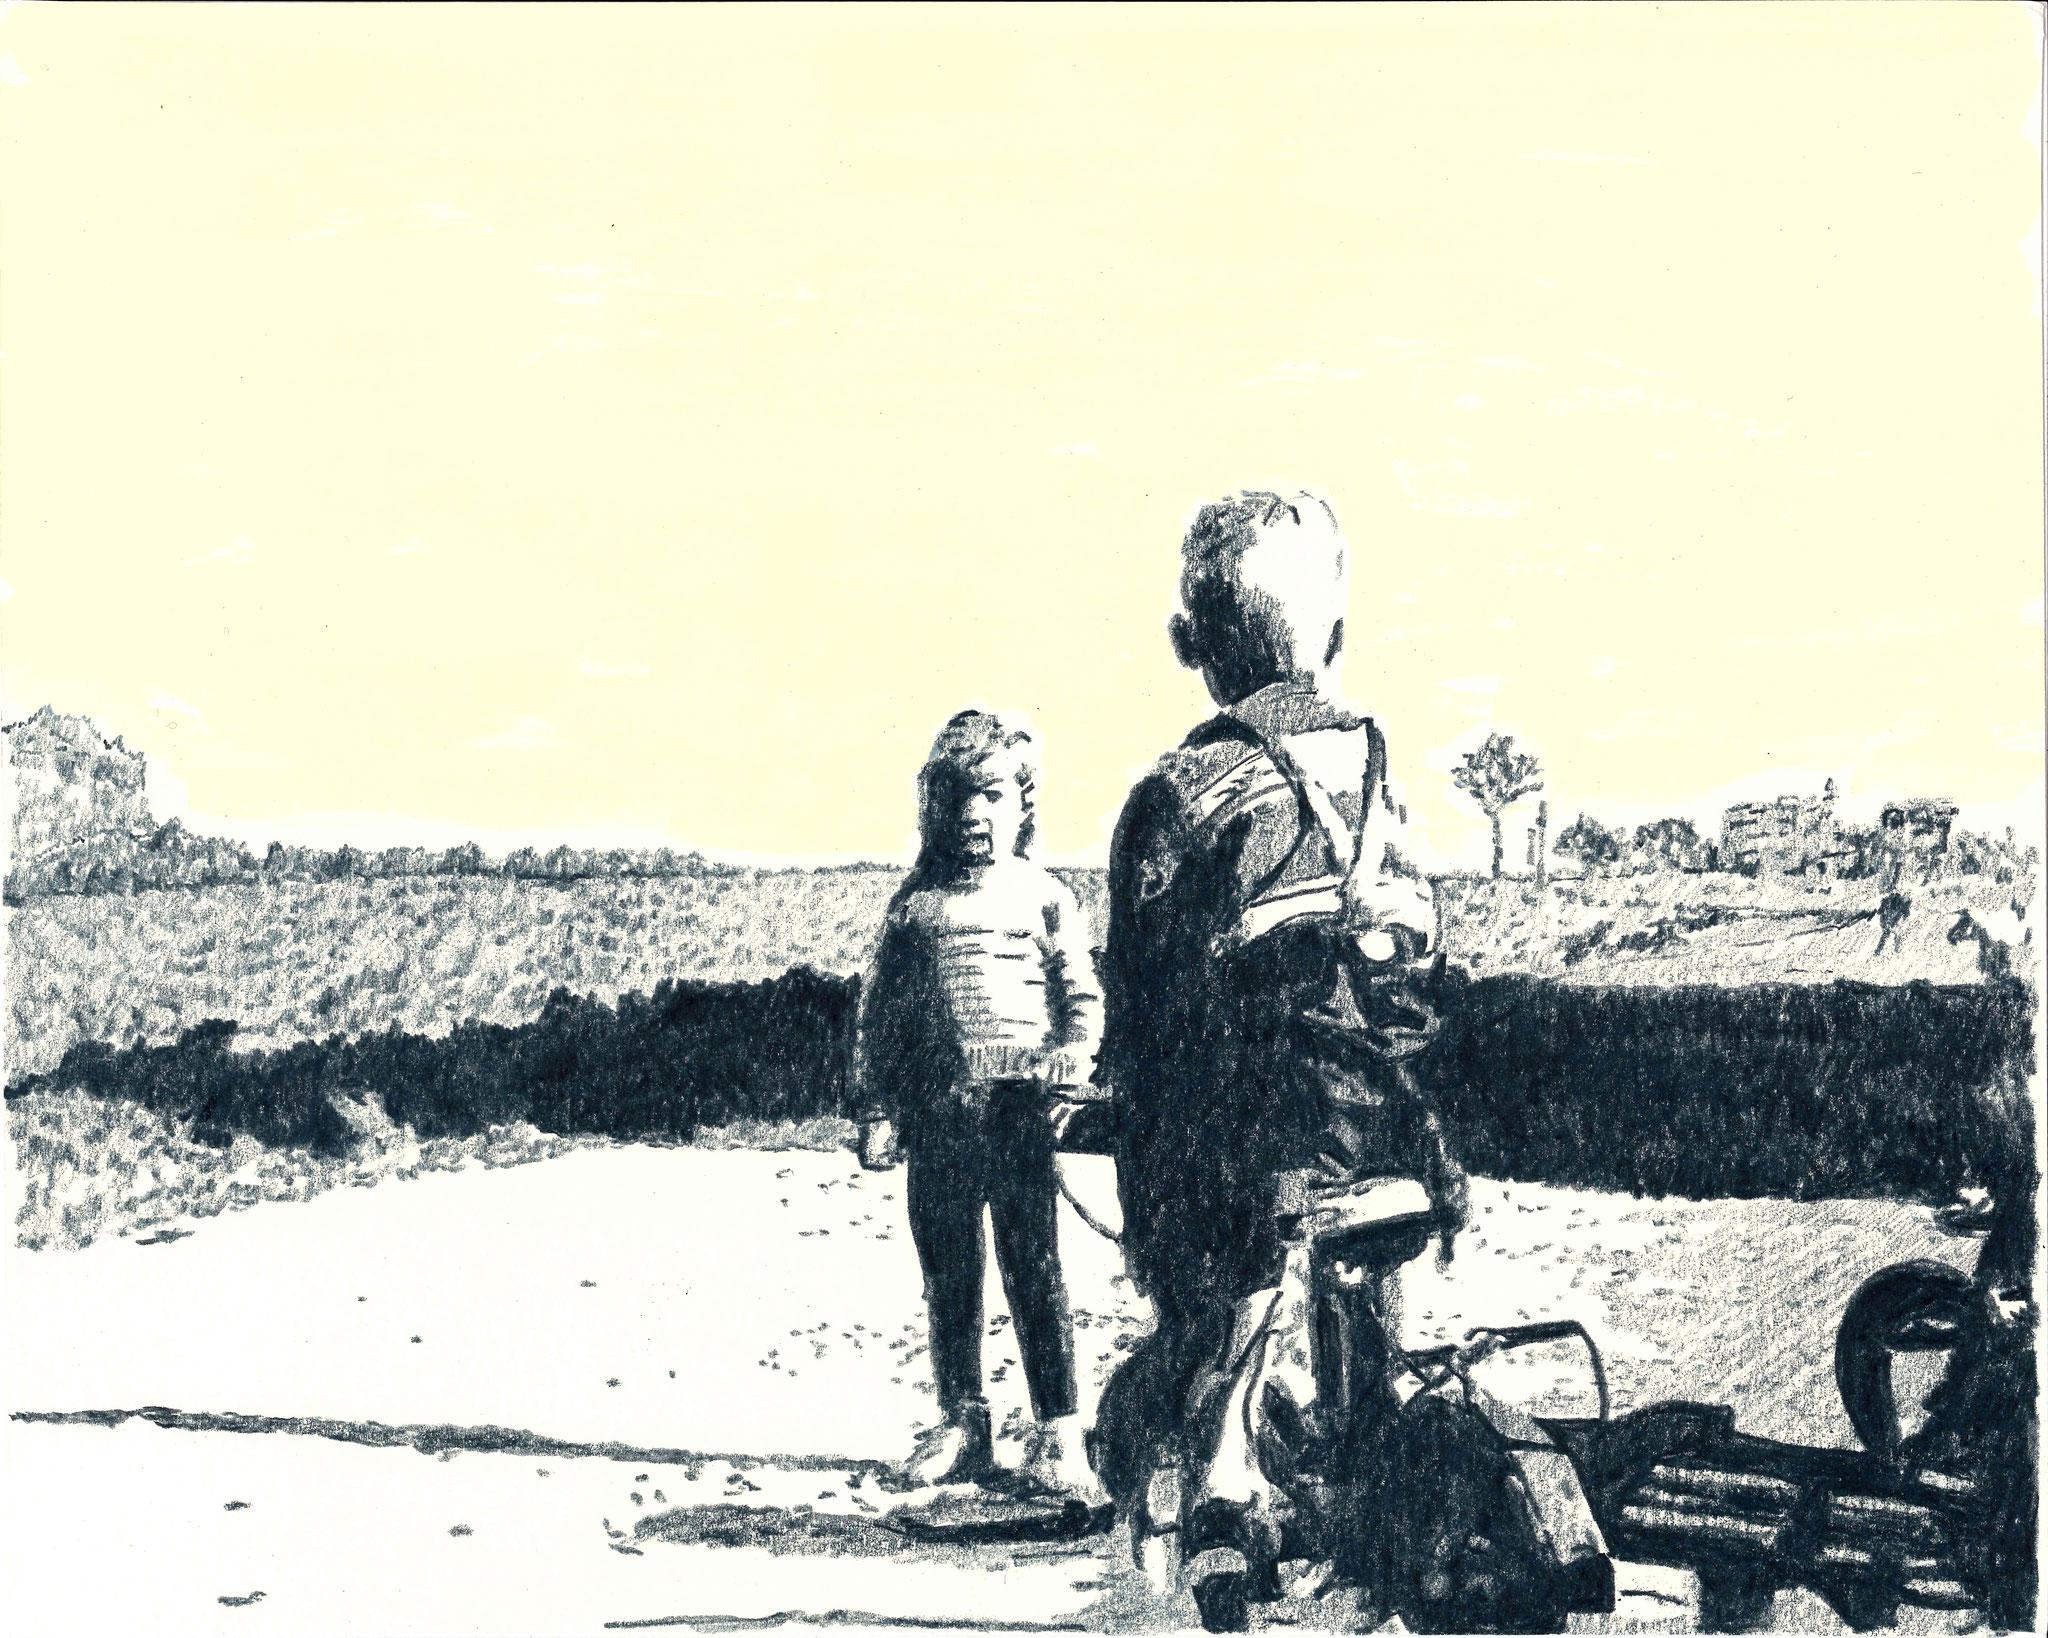 Konfrontation | 28 x 35 cm | Farbstift und Gouache auf Papier | 2014